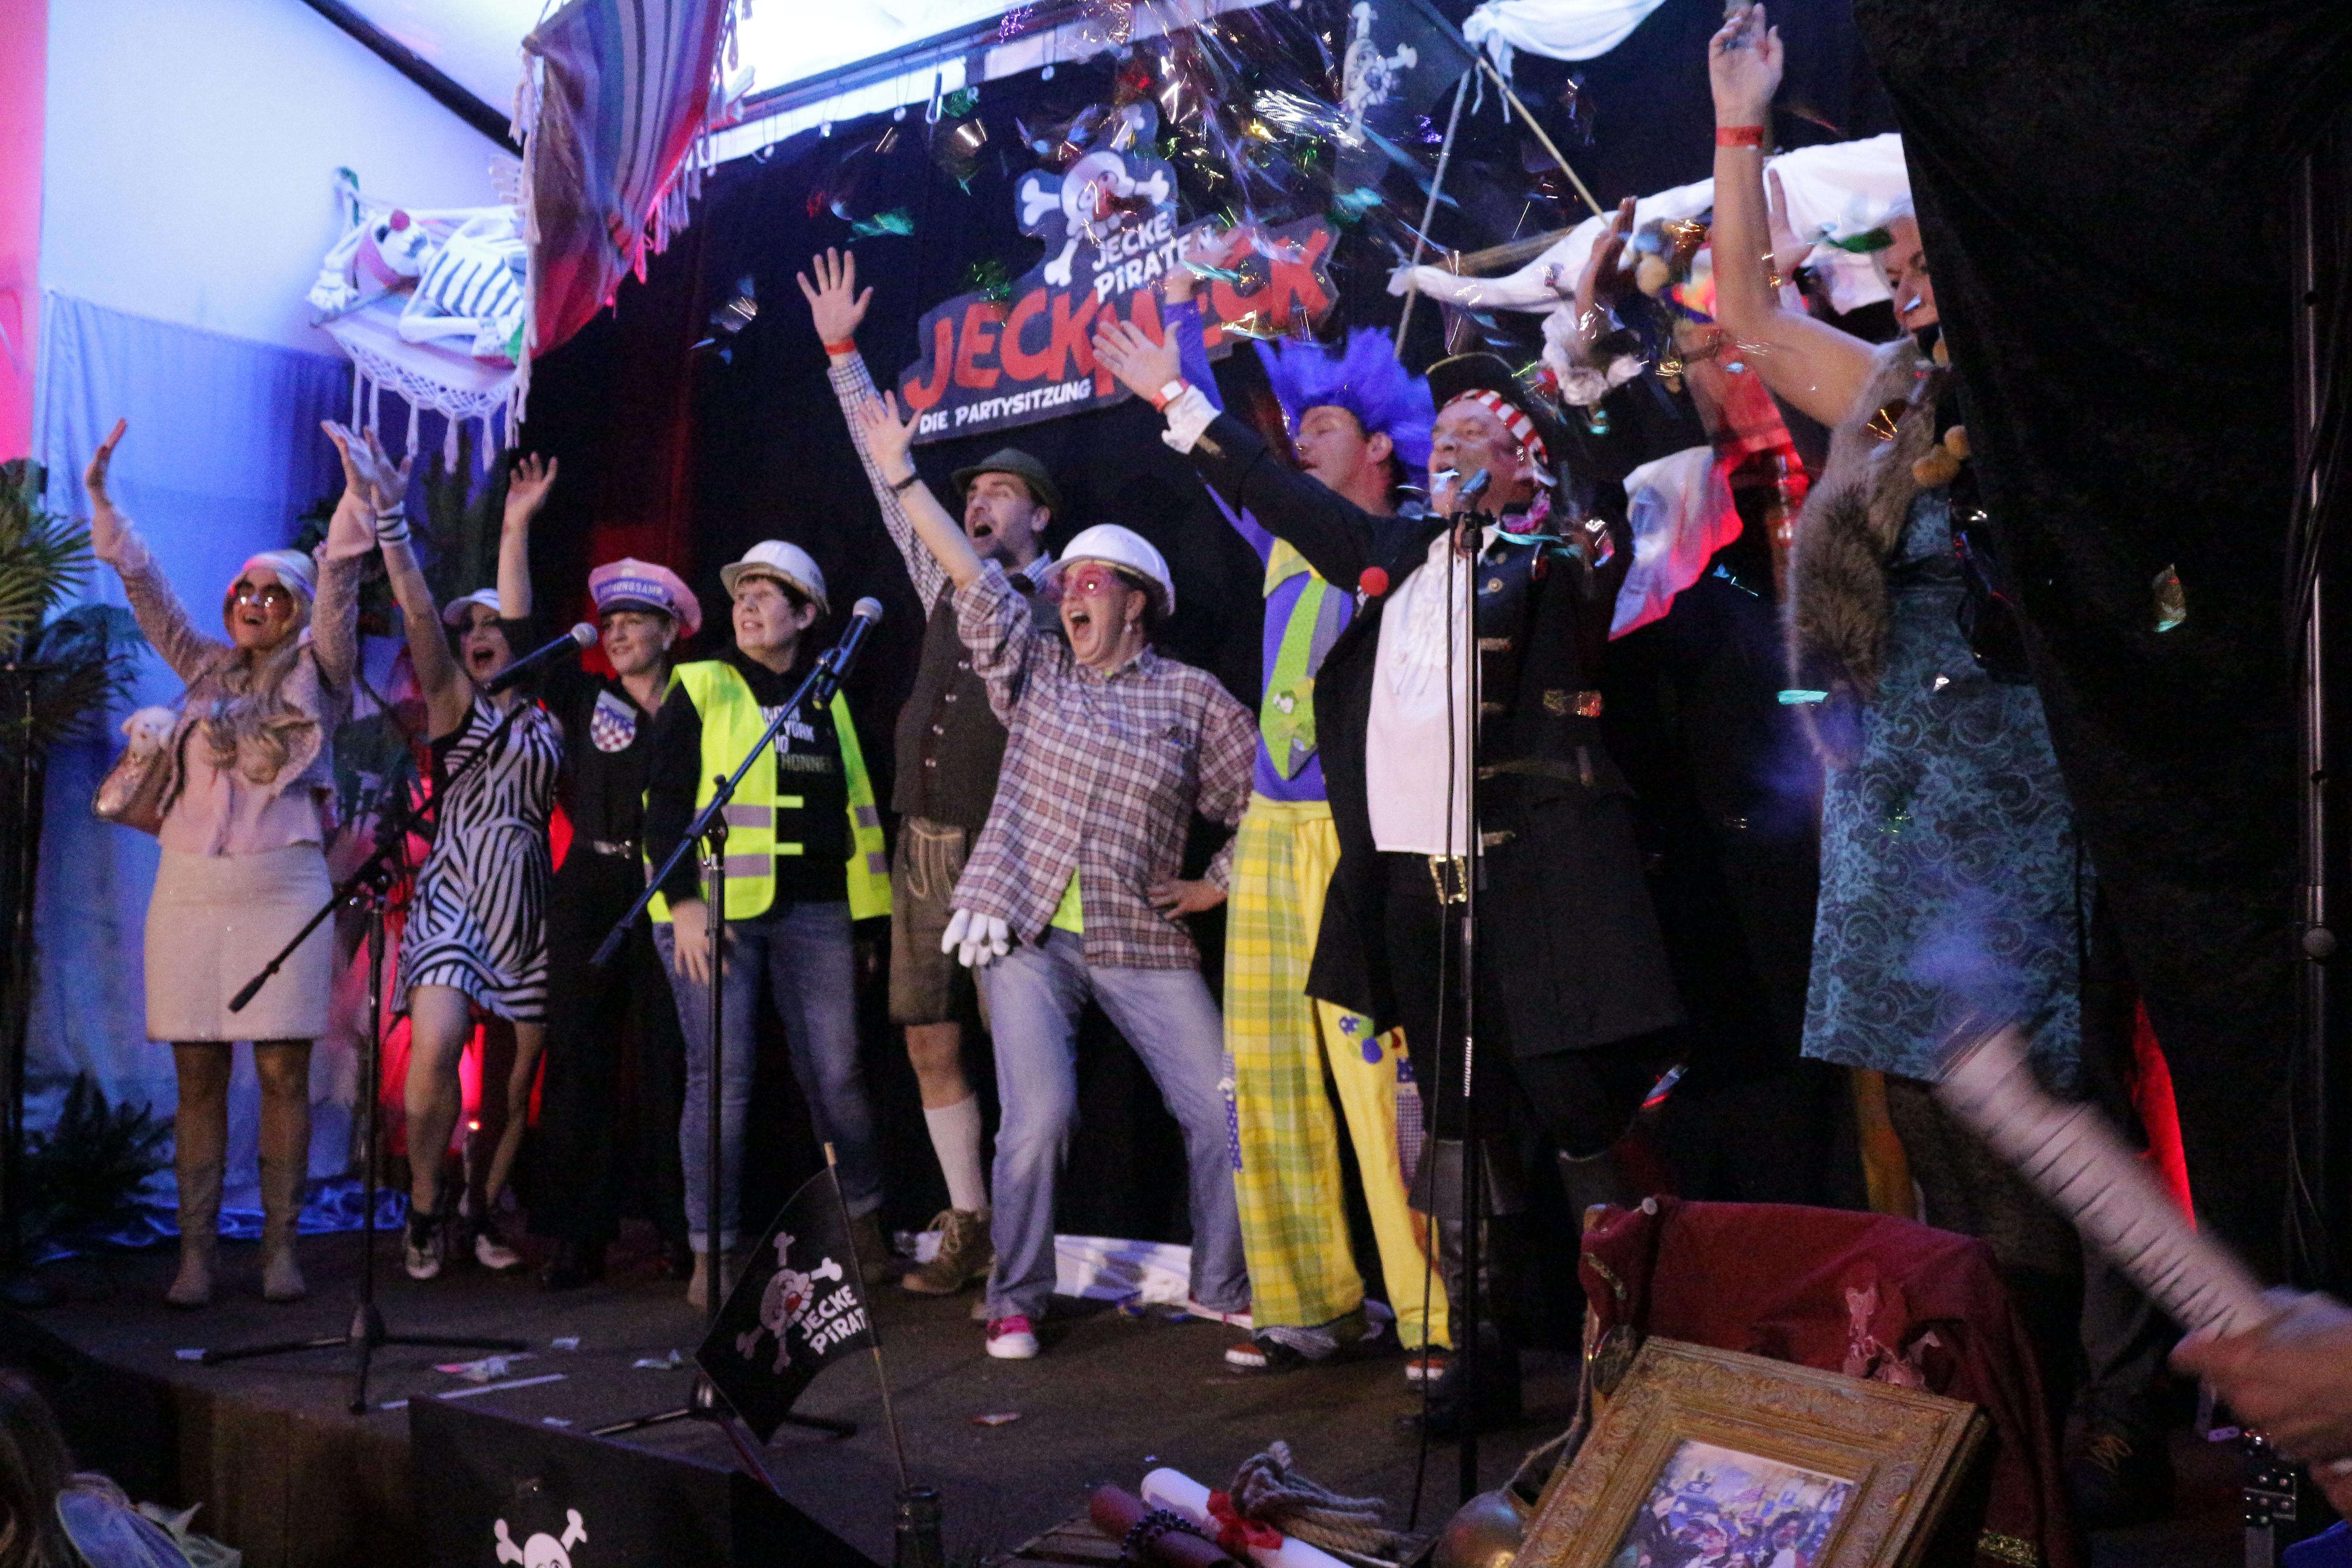 """Jecke Piraten feierten """"Jeckmeck – Die Partysitzung"""""""